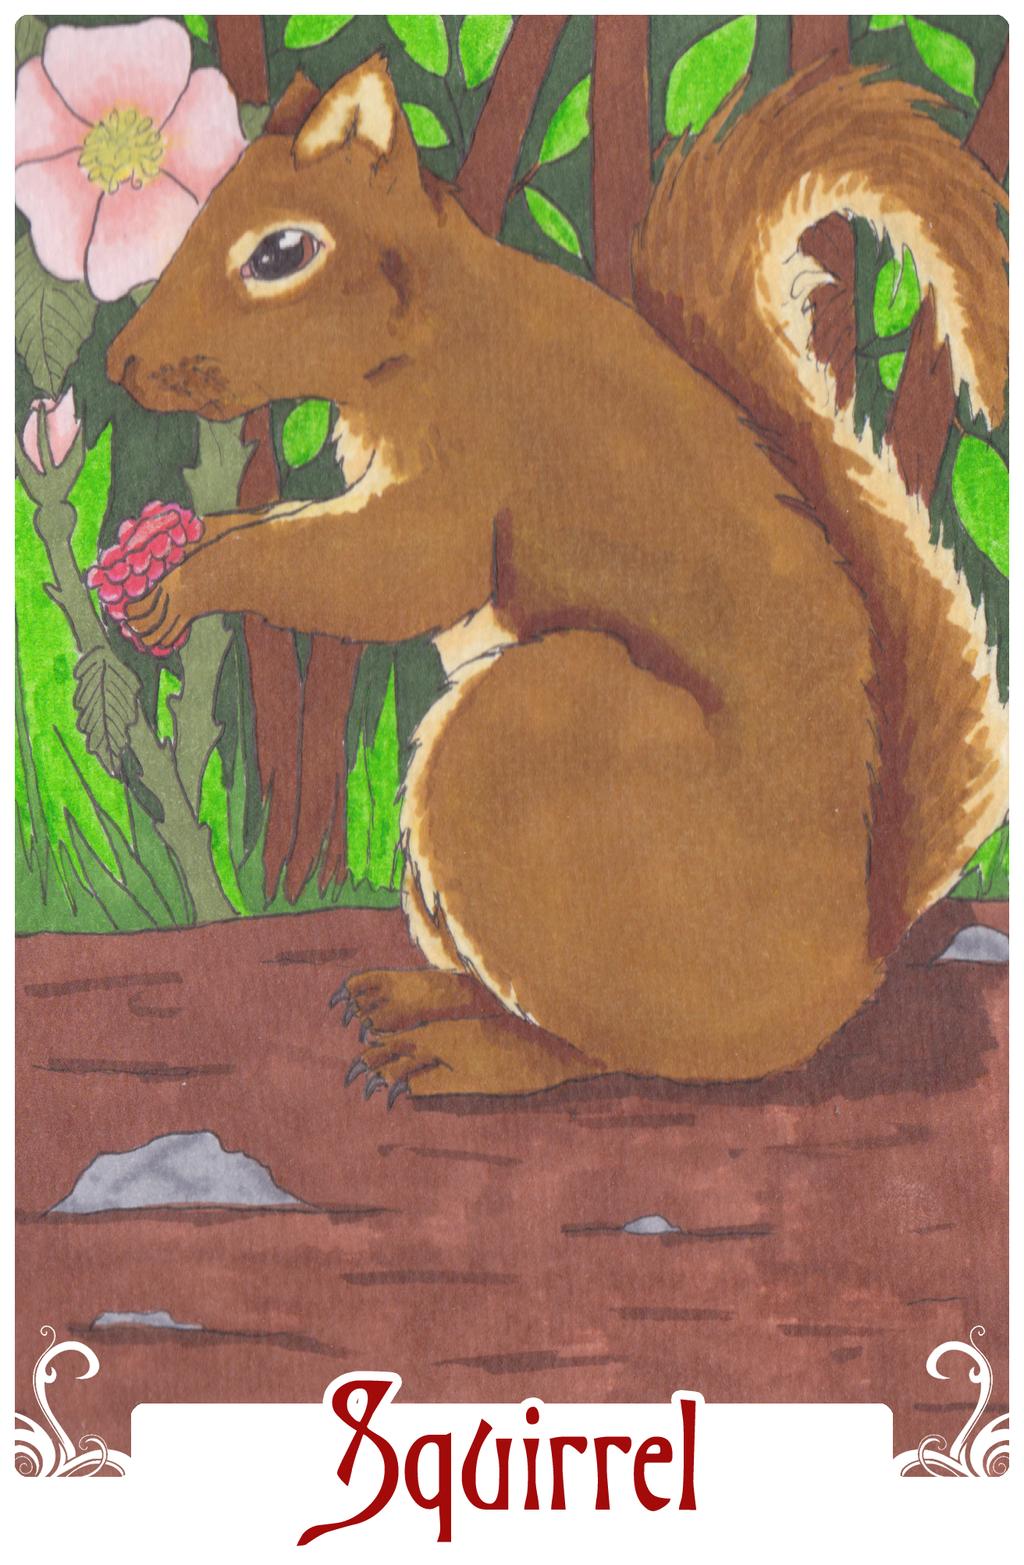 Squirrel (2014)